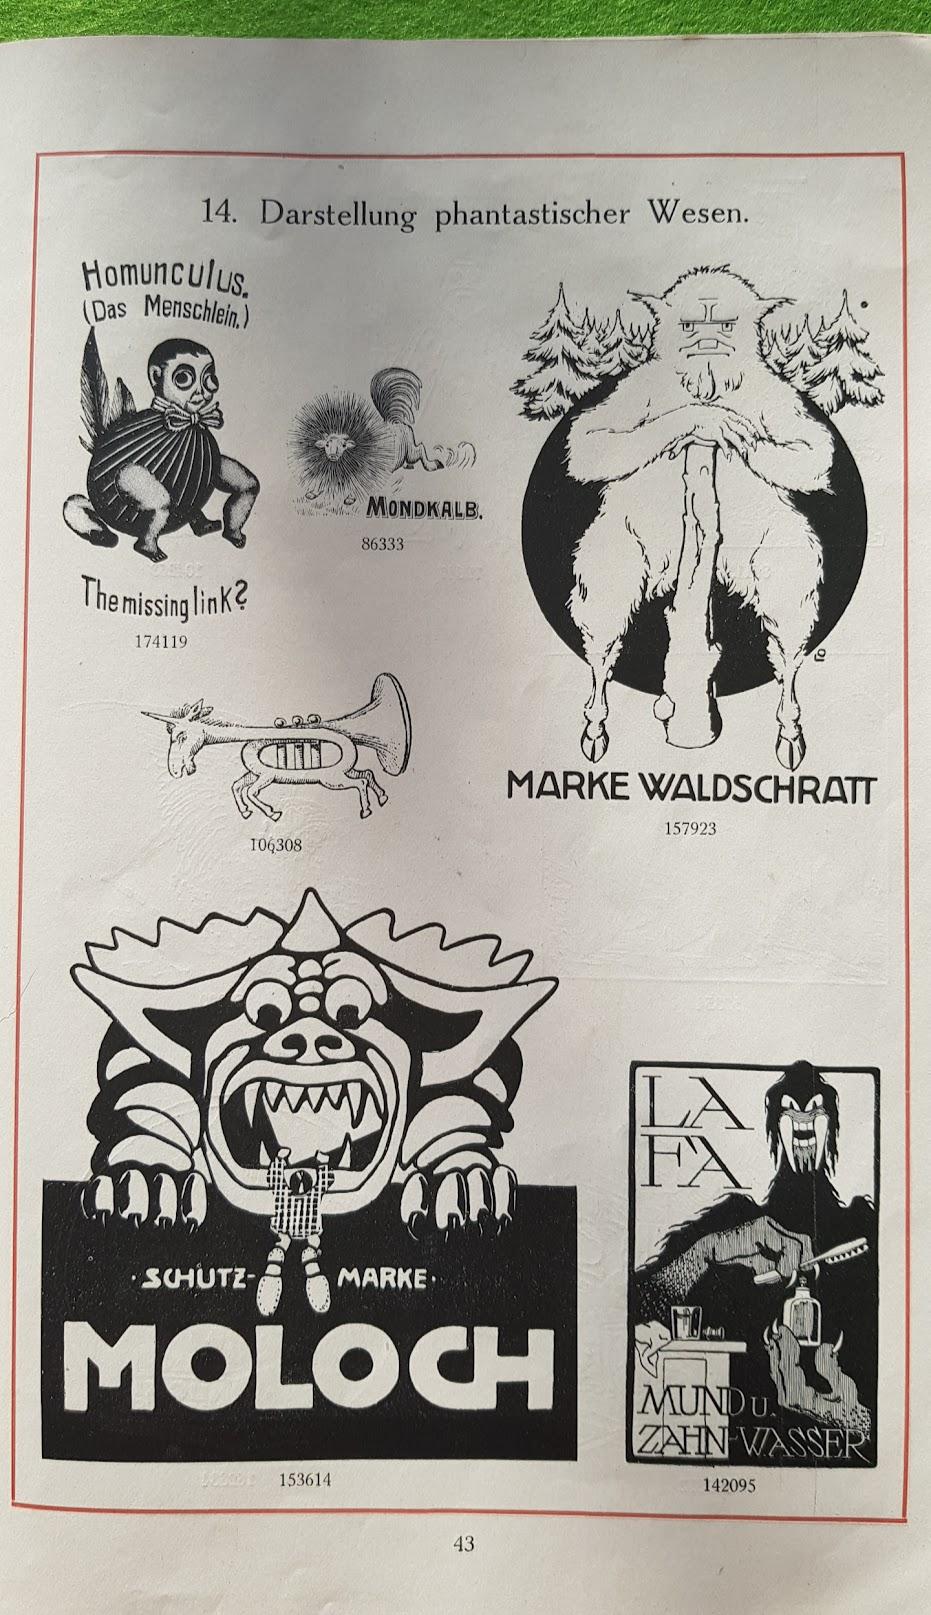 Warnezeichen-Humor - Darstellung phantastischer Wesen